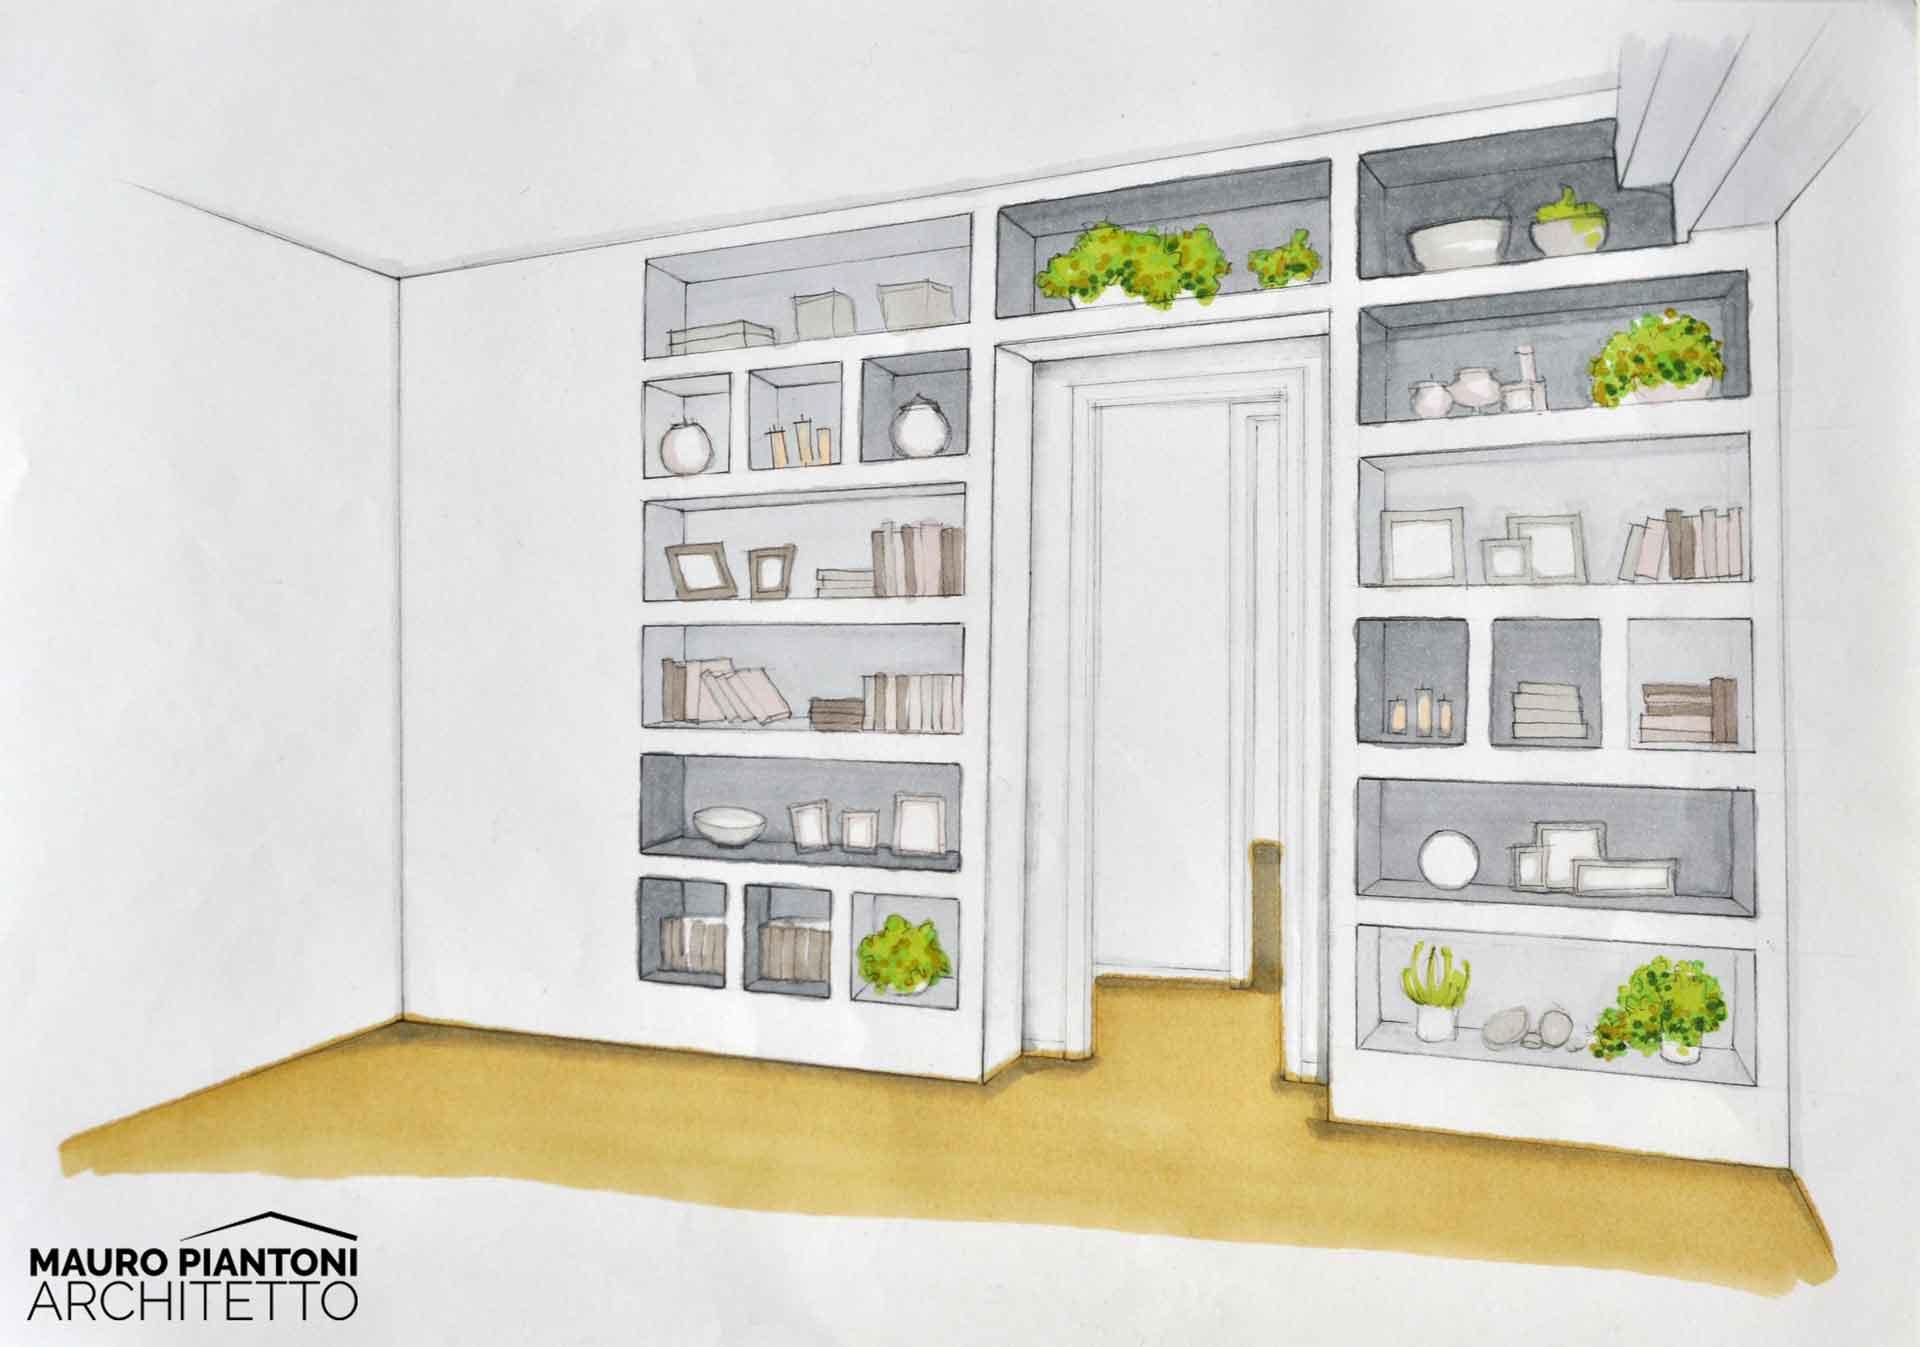 Ristrutturazione di interni casa pi milano studio piantoni for Architetto interni